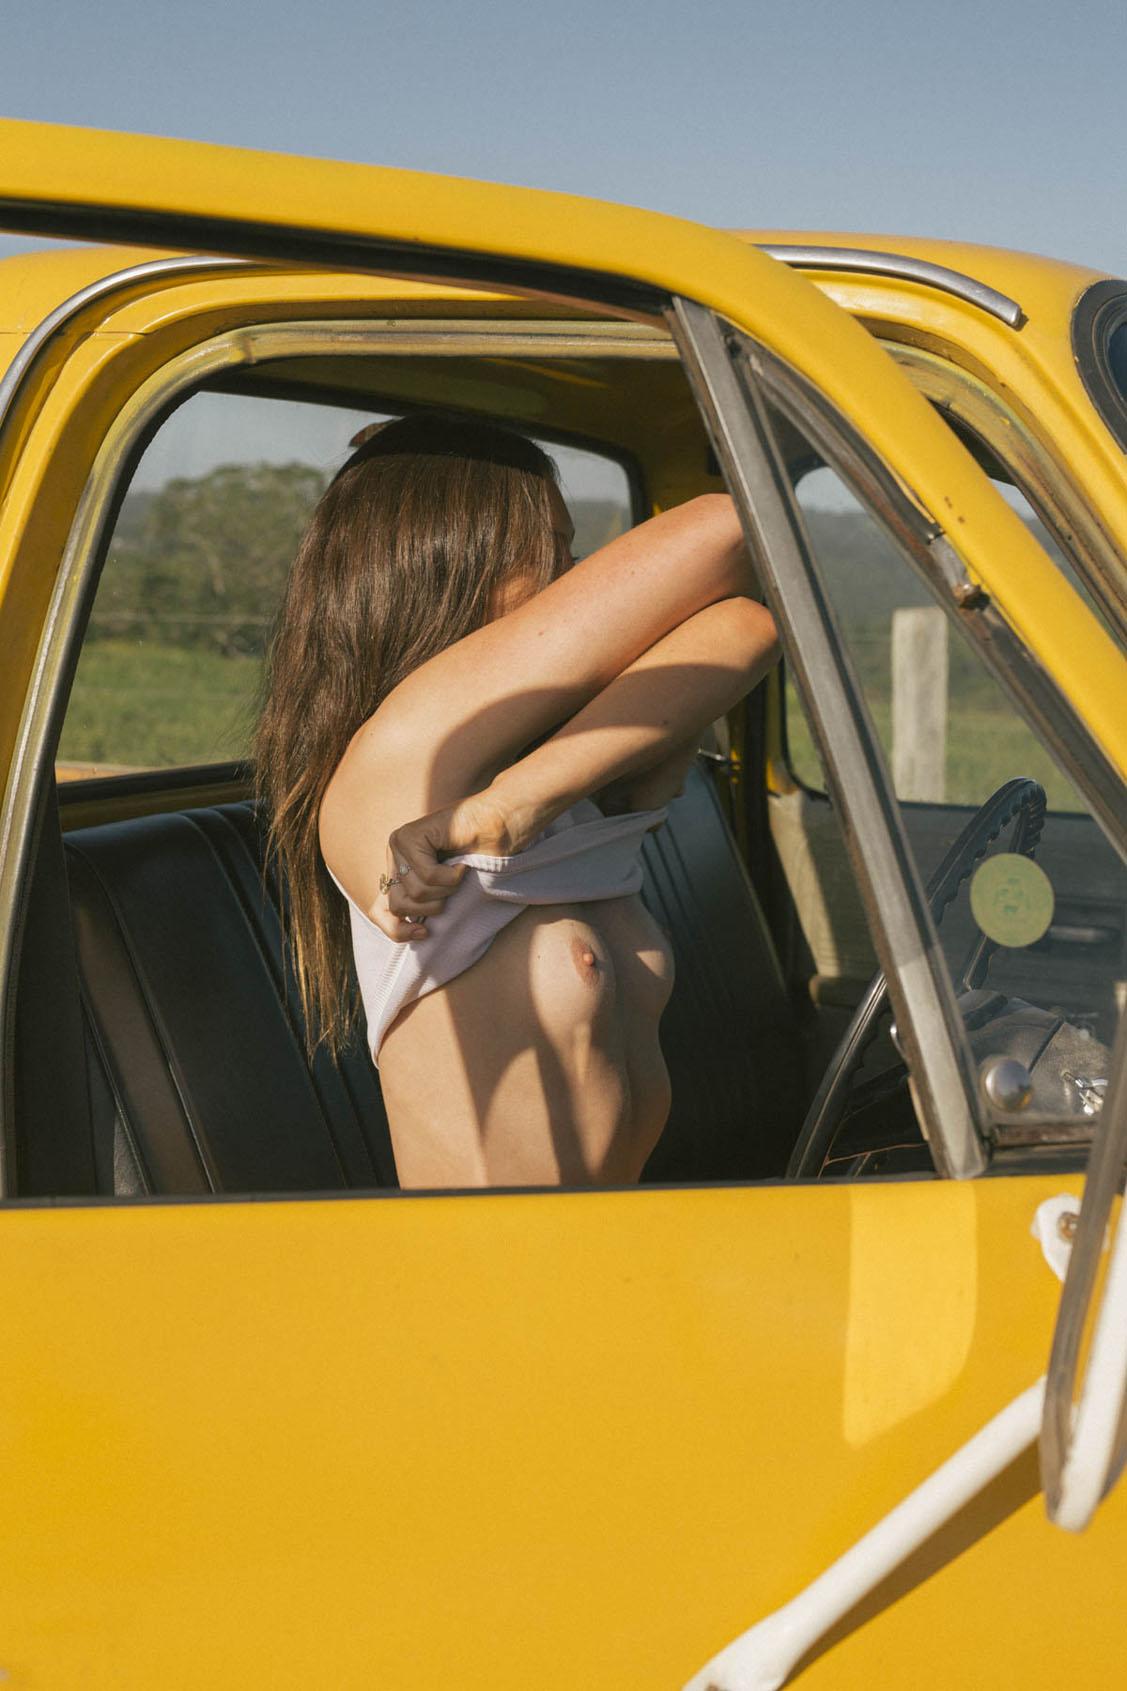 голая девушка в желтом грузовике на пустынной дороге / фото 03